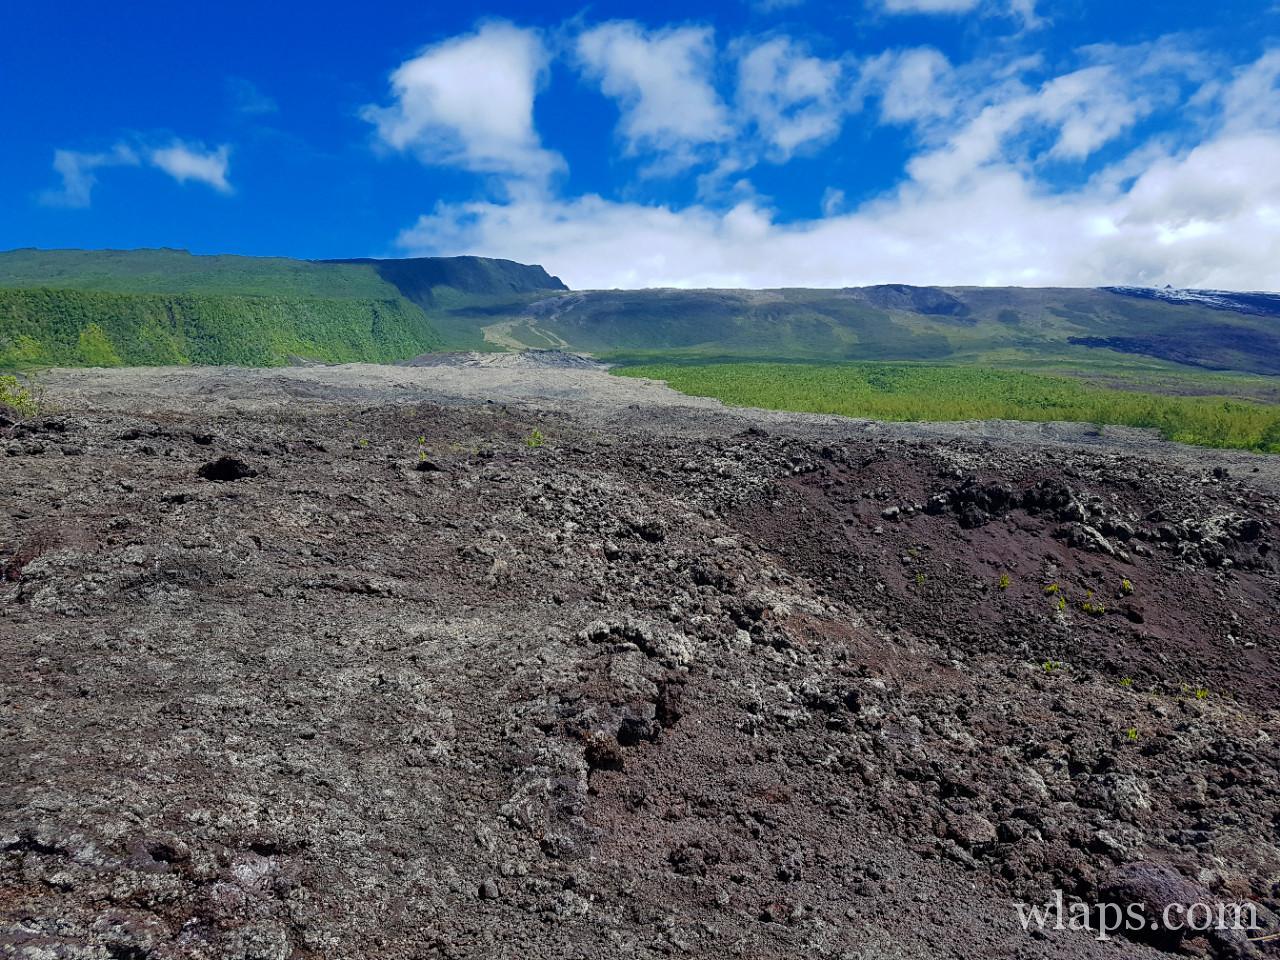 La coulée de Grand Brulé à La Réunion